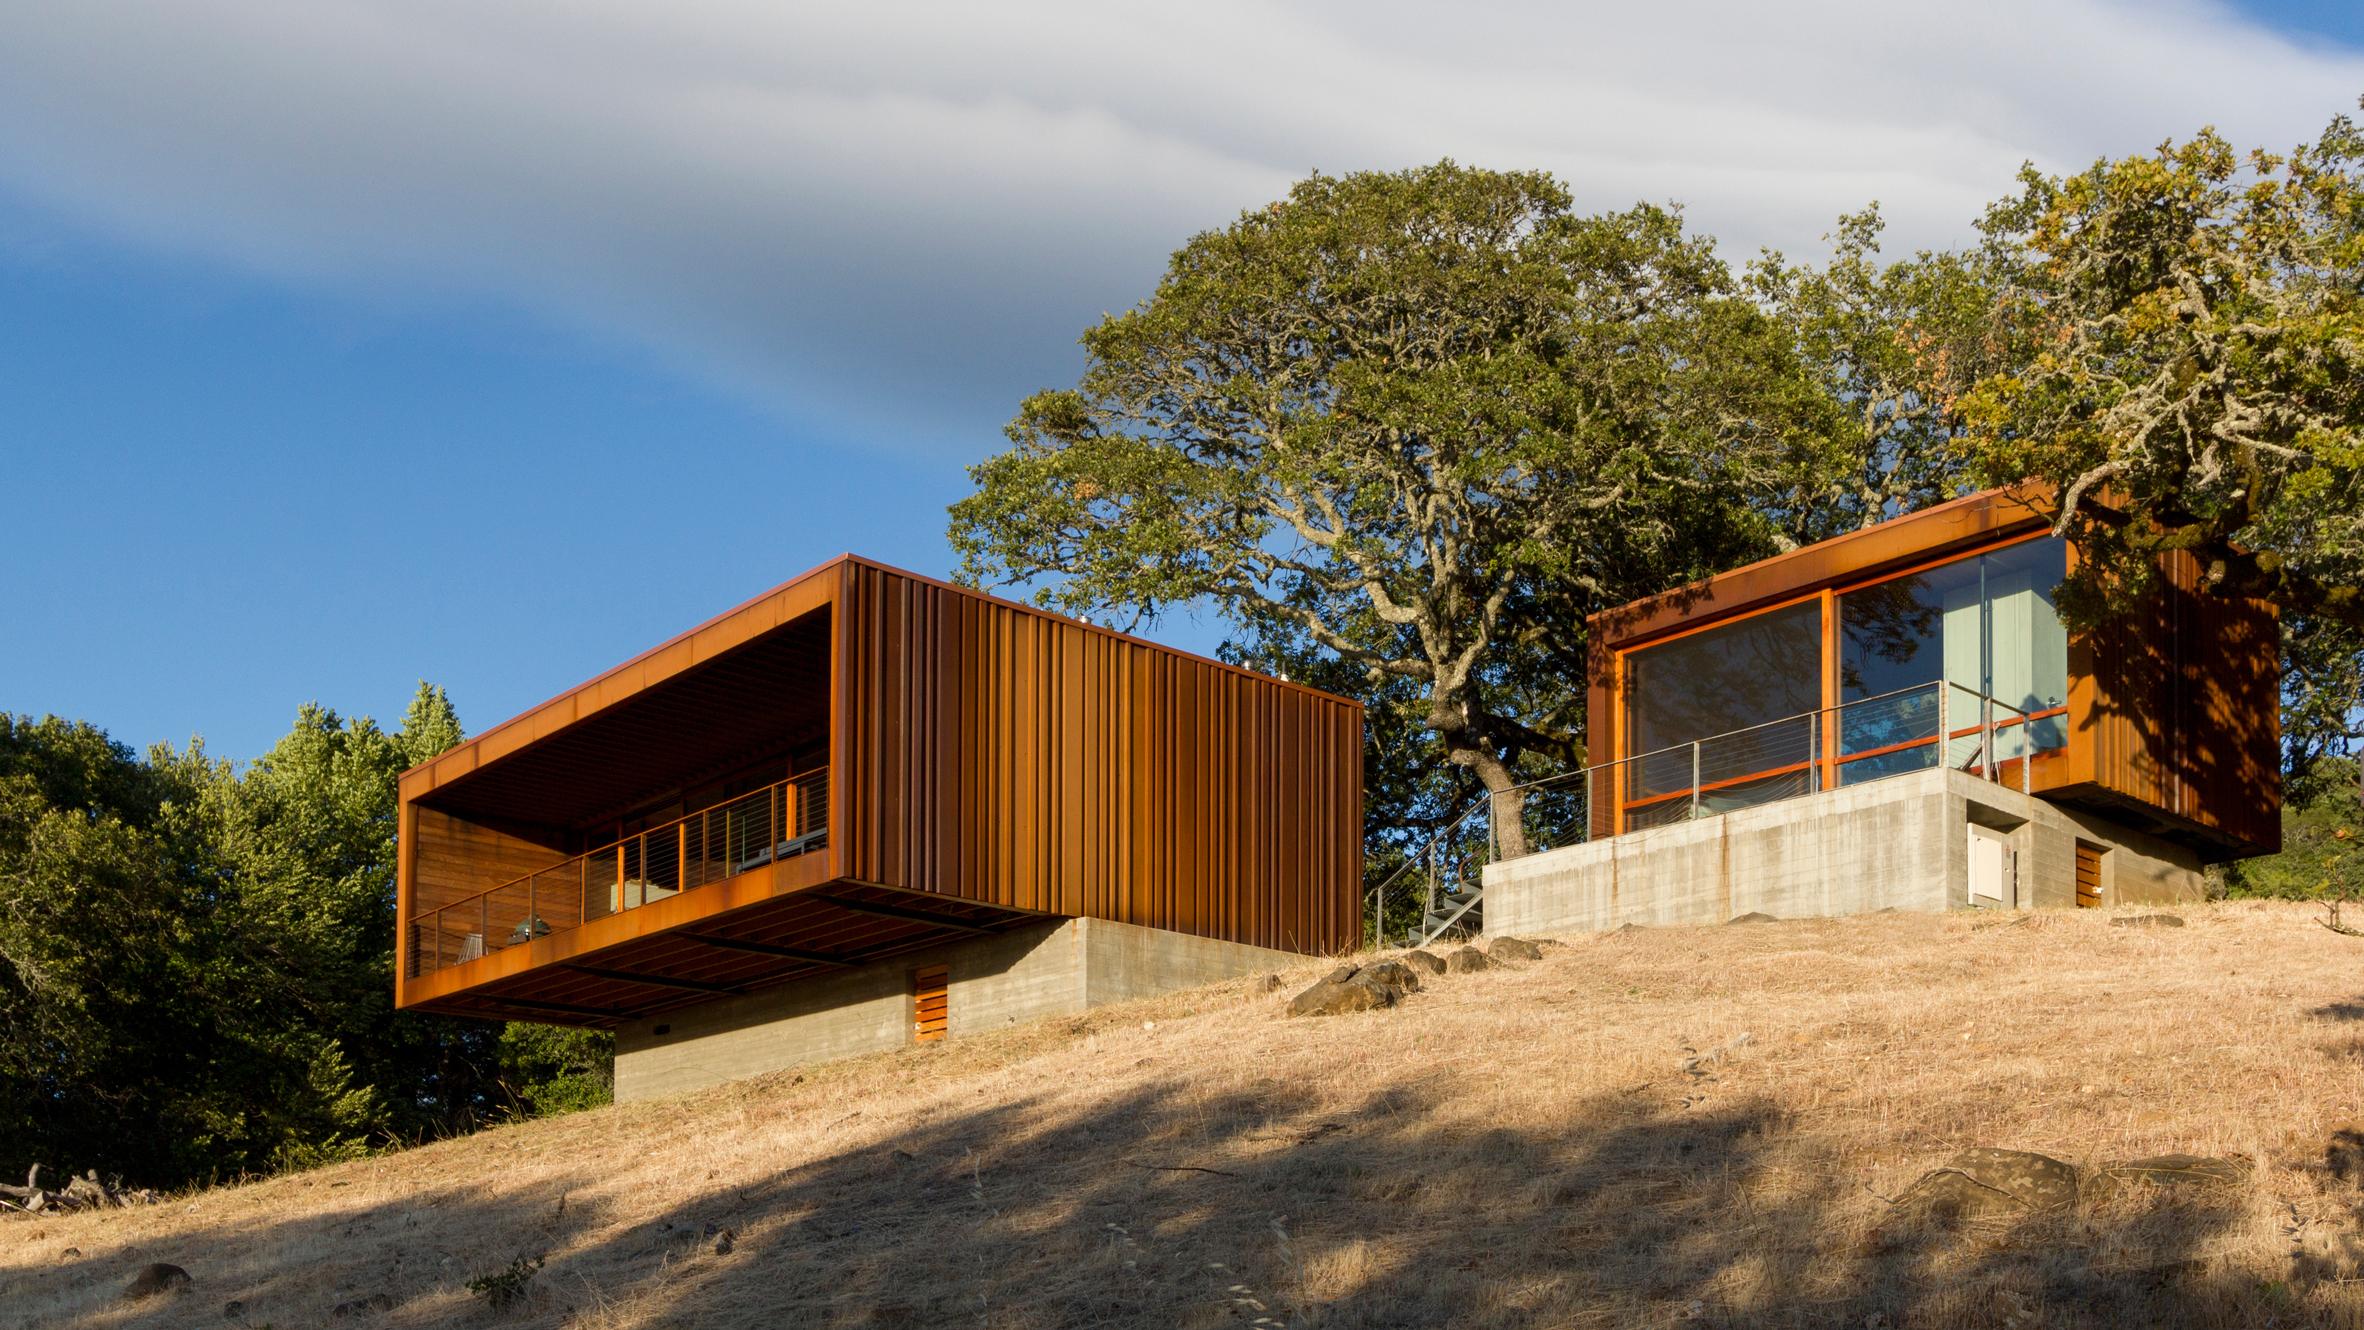 1-casa-na-california-e-feita-de-modulos-de-aco-pre-fabricados